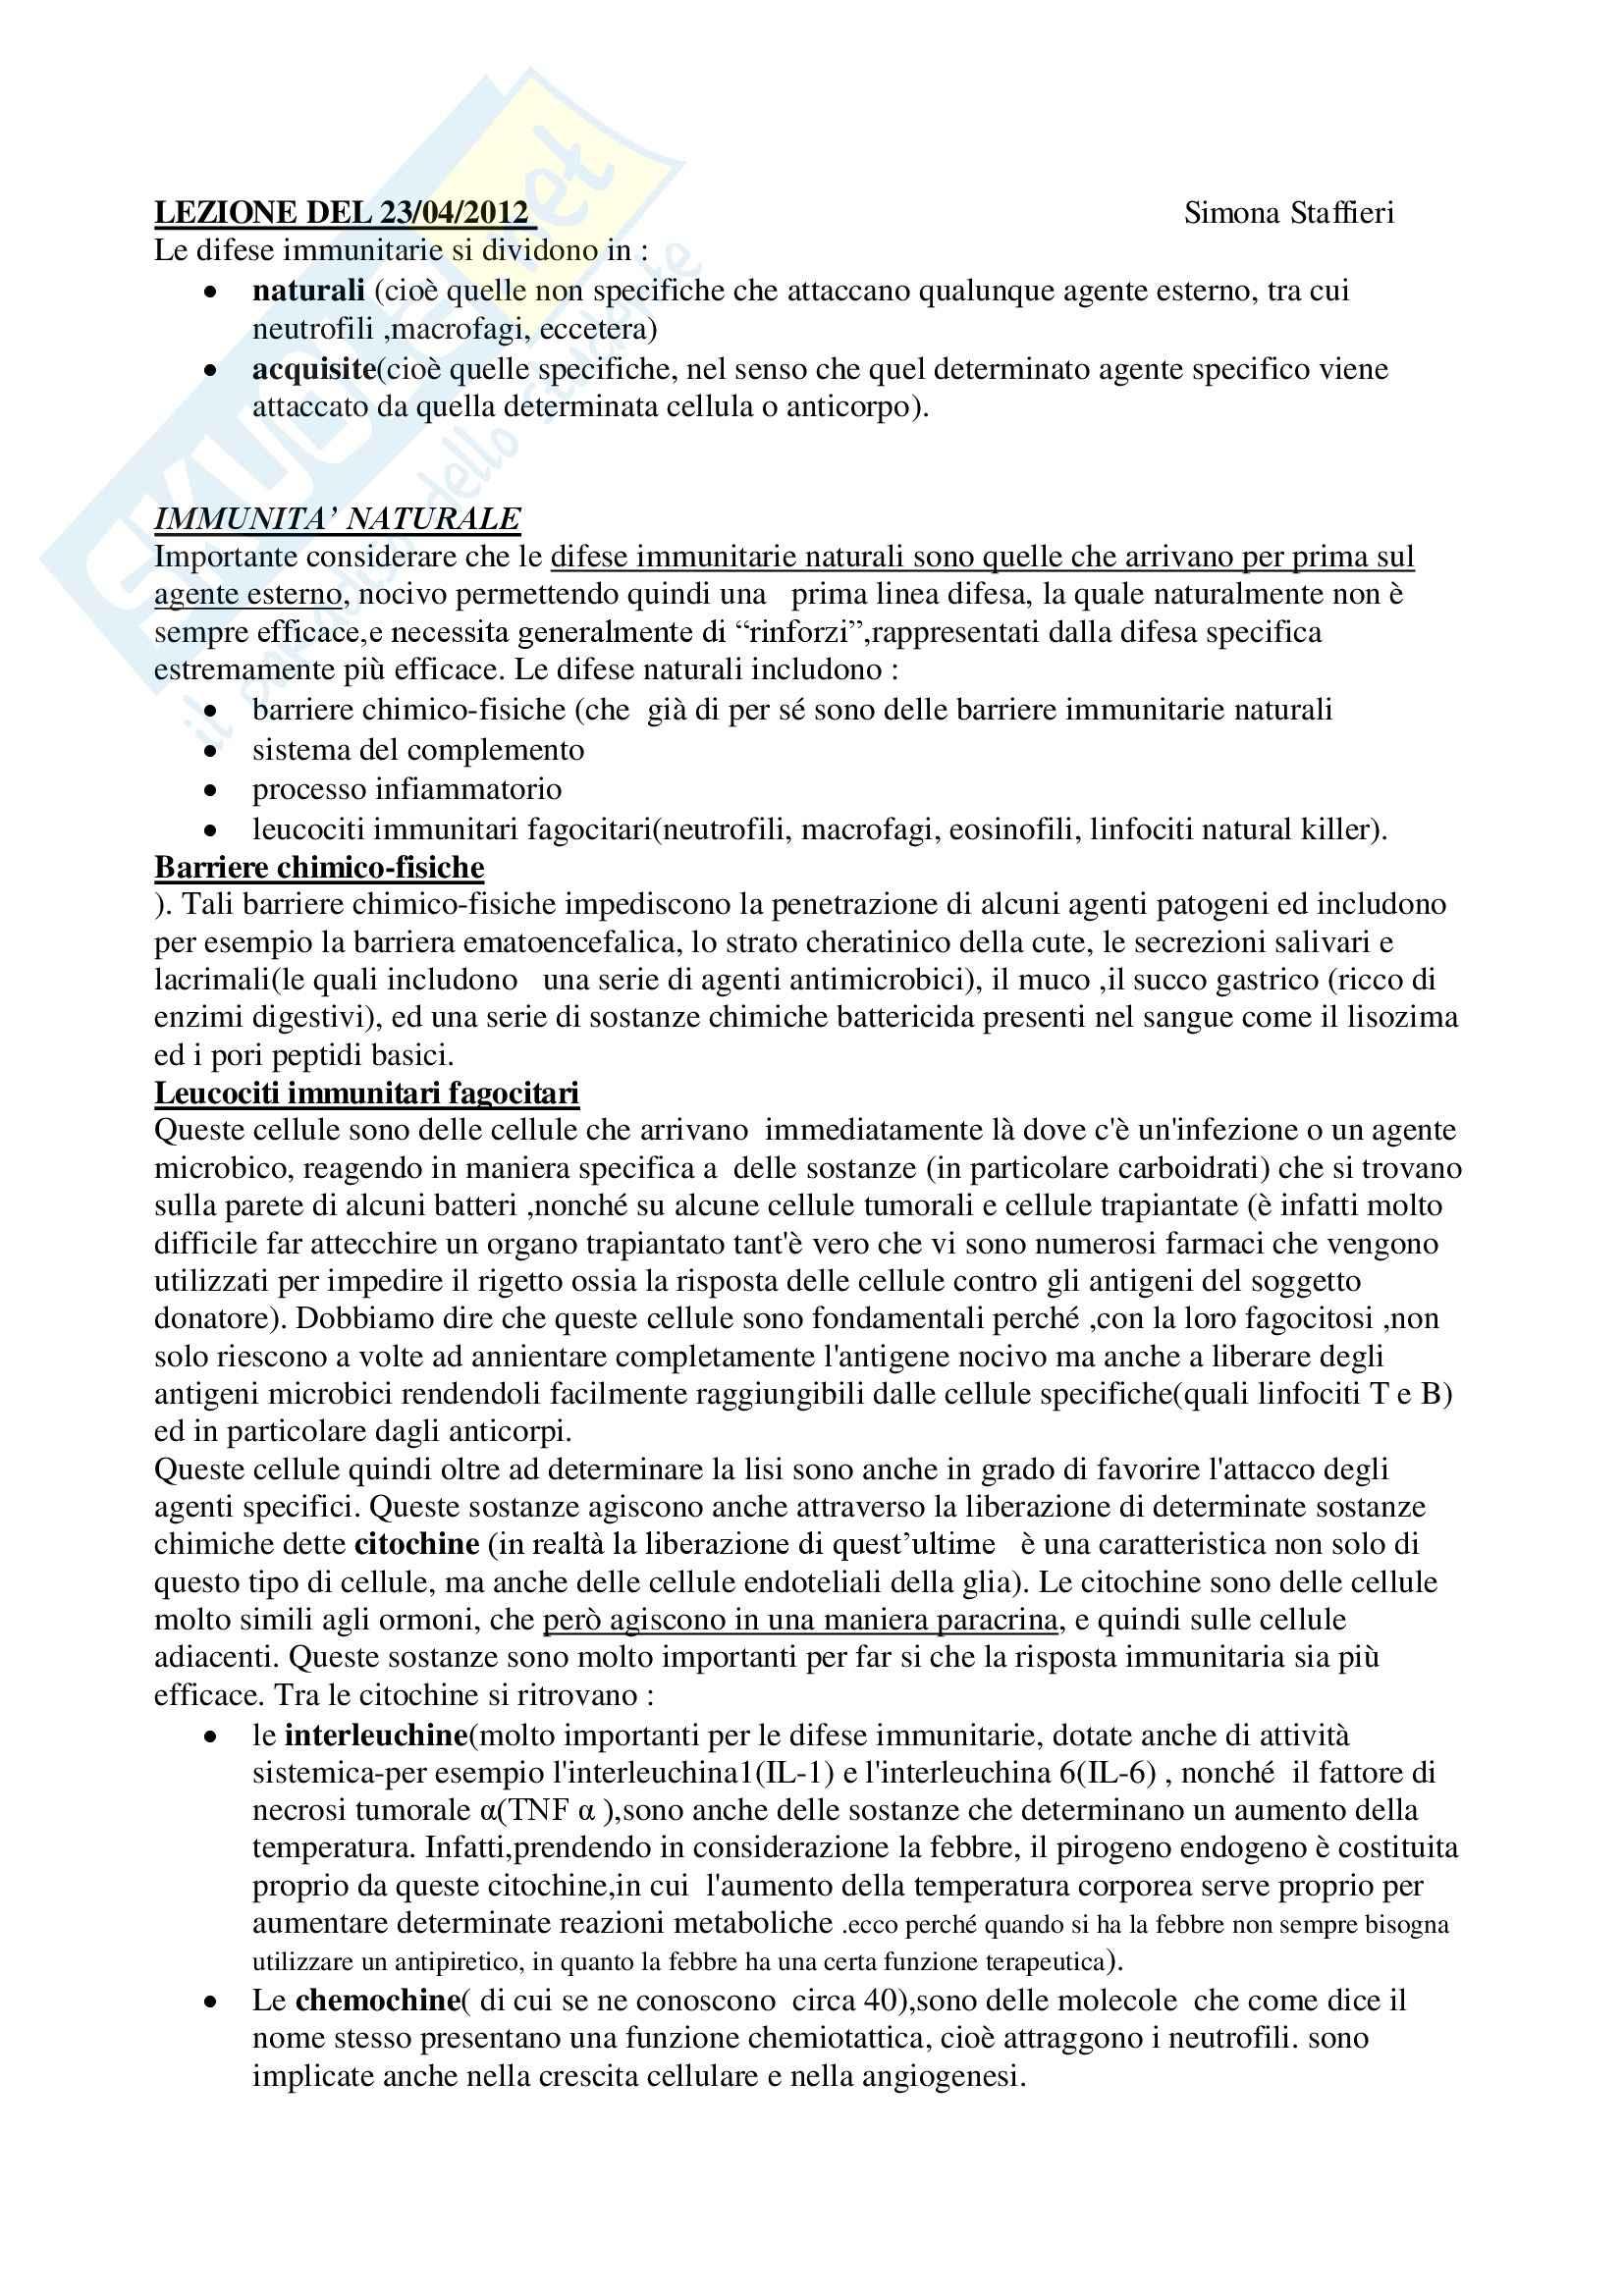 Fisiologia umana I - immunità, coagulazione e piastrine